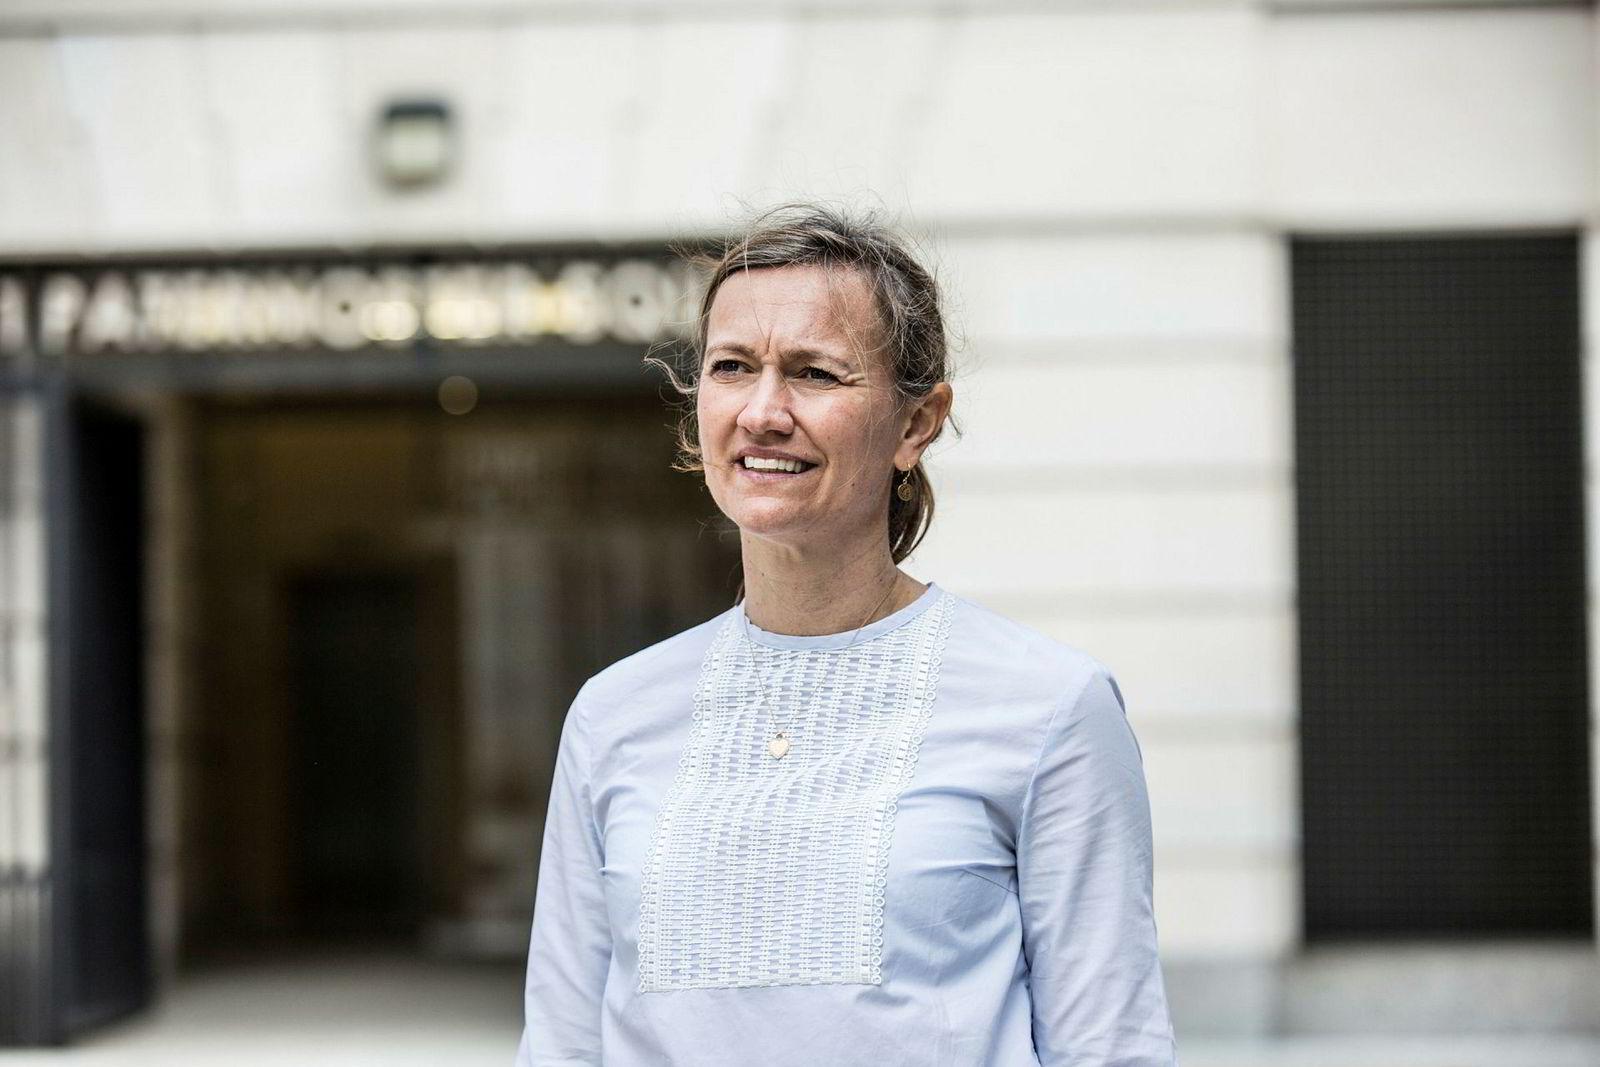 Styreleder i Aftenposten, Siv Juvik Tveitnes, håper å finne en etterfølger til Espen Egil Hansen så rask som mulig.